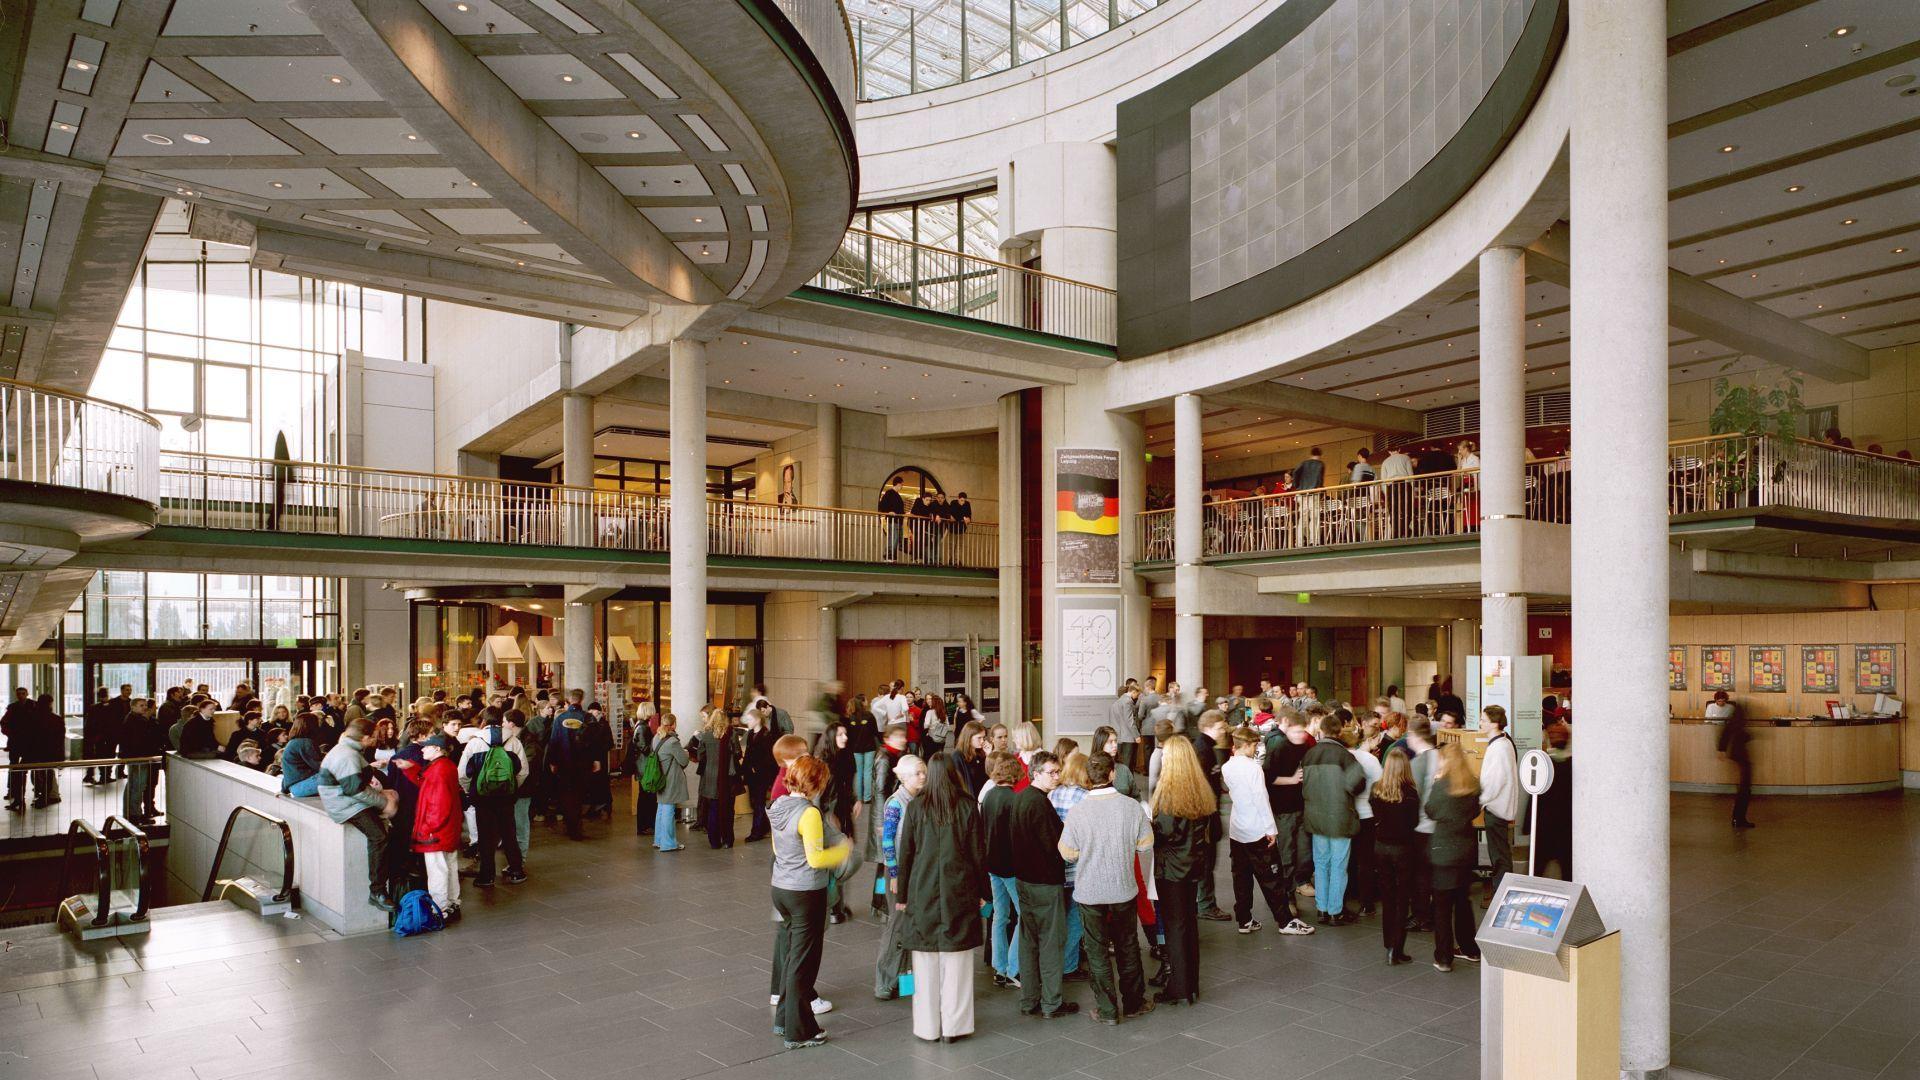 Foyer Haus der Geschichte Bonn mit vielen Menschen